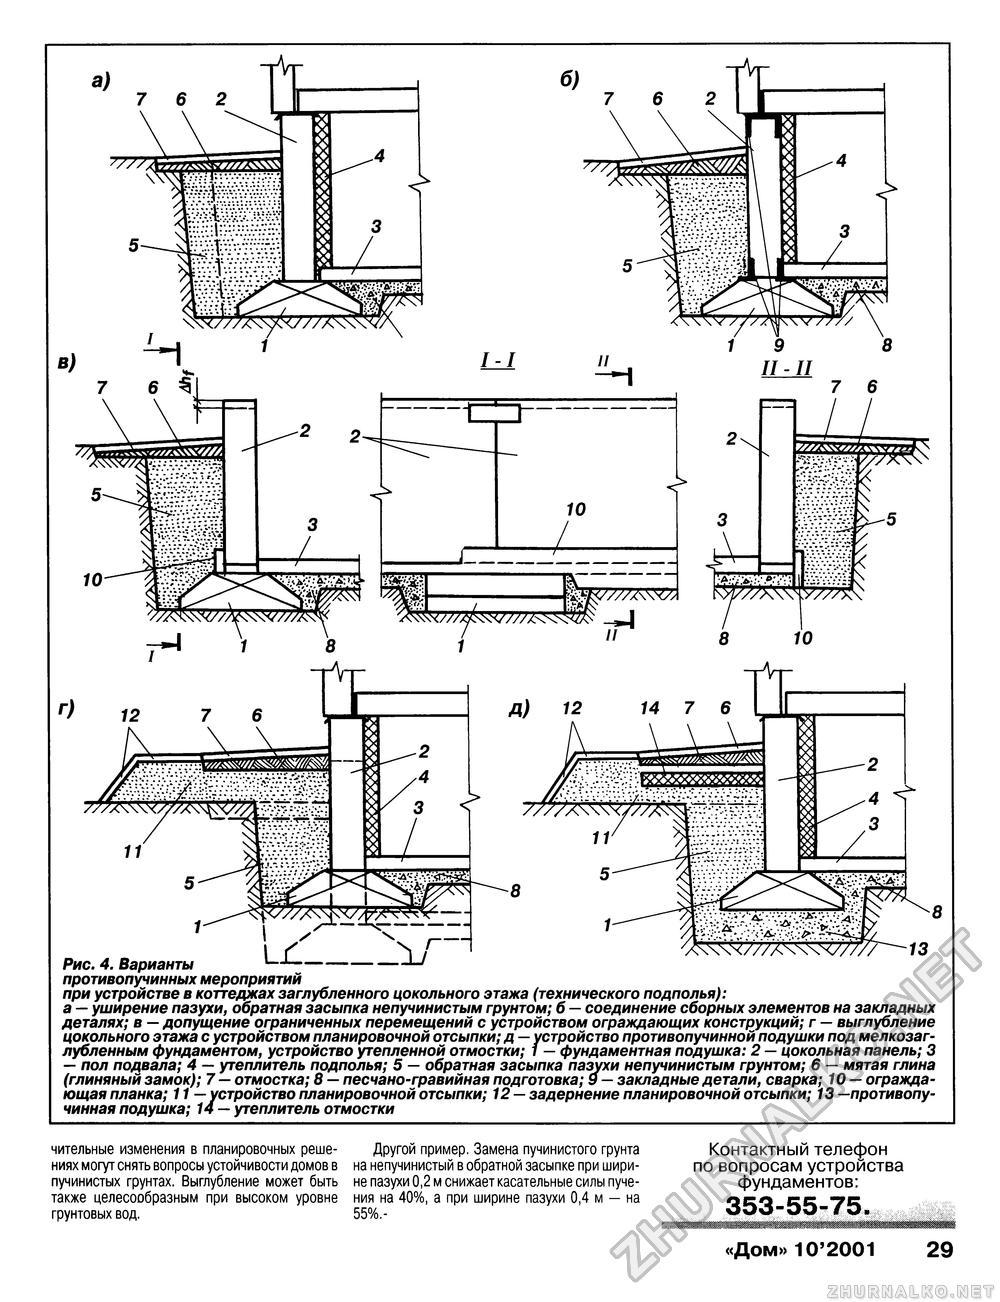 Как сделать фундамент.если грунтовые воды высоко 916